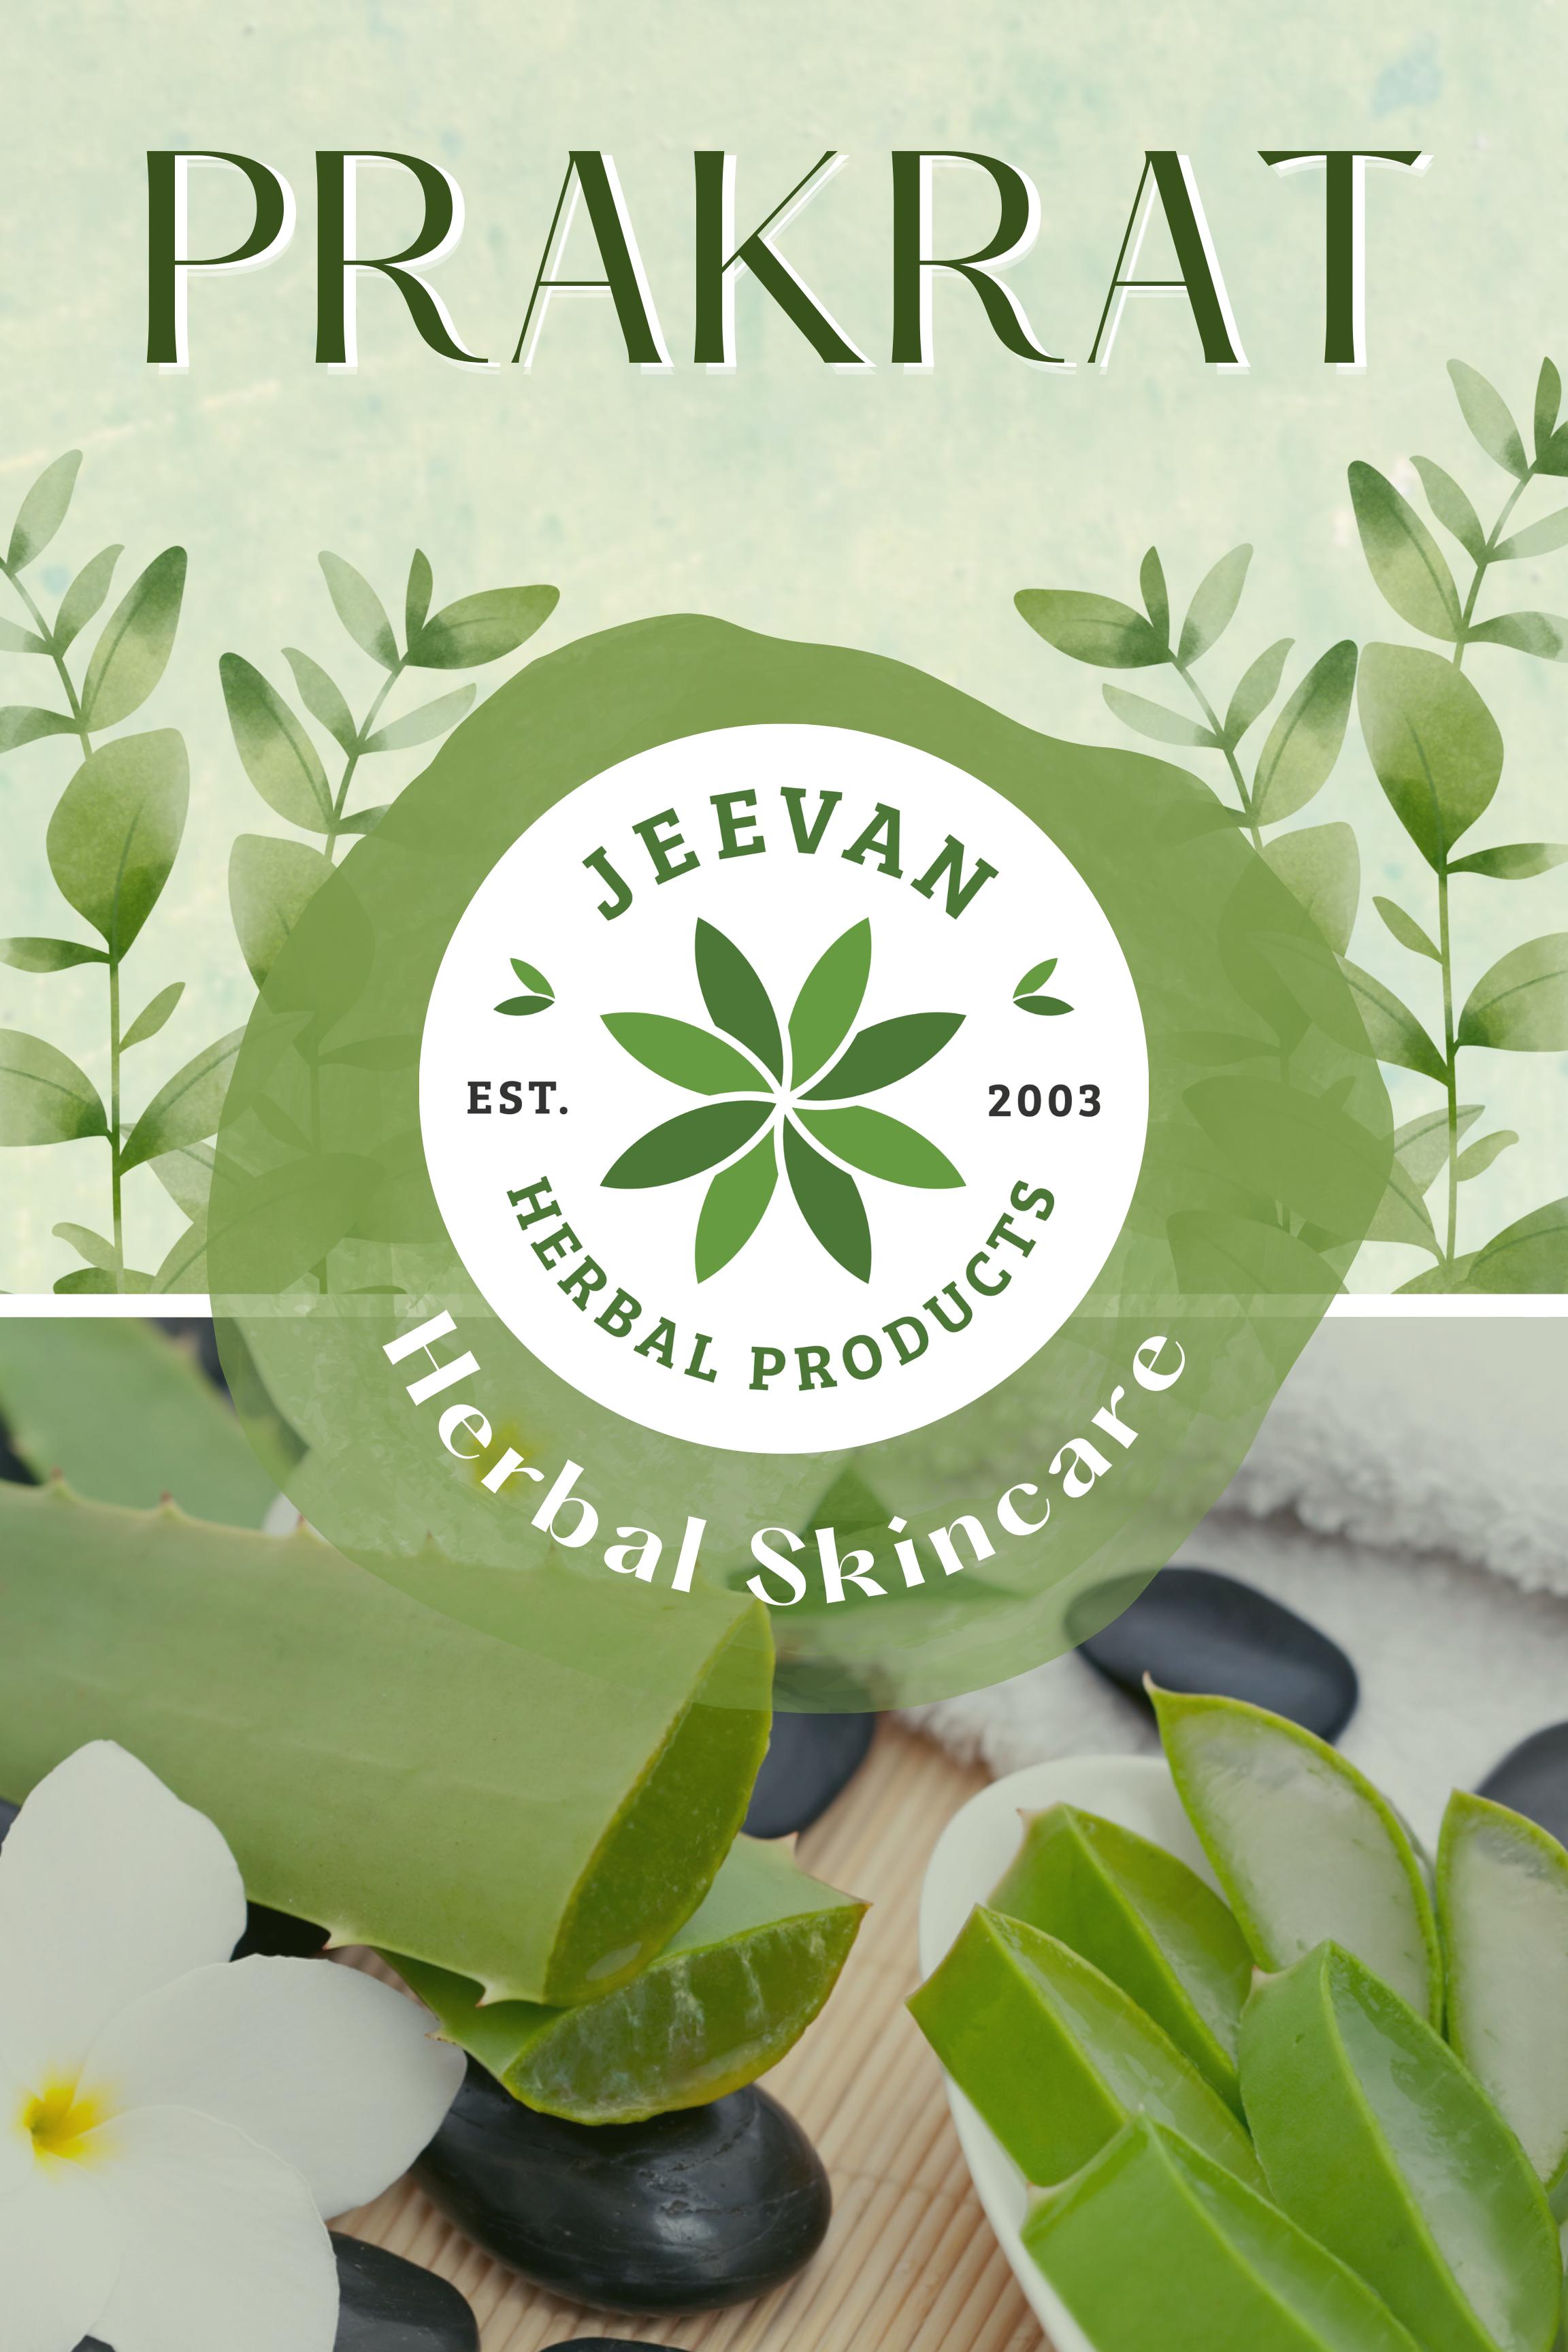 prakrat, herbal skincare, jeevan herbs, aloevera , aloevera gel, crack heels, jeevan herbal products